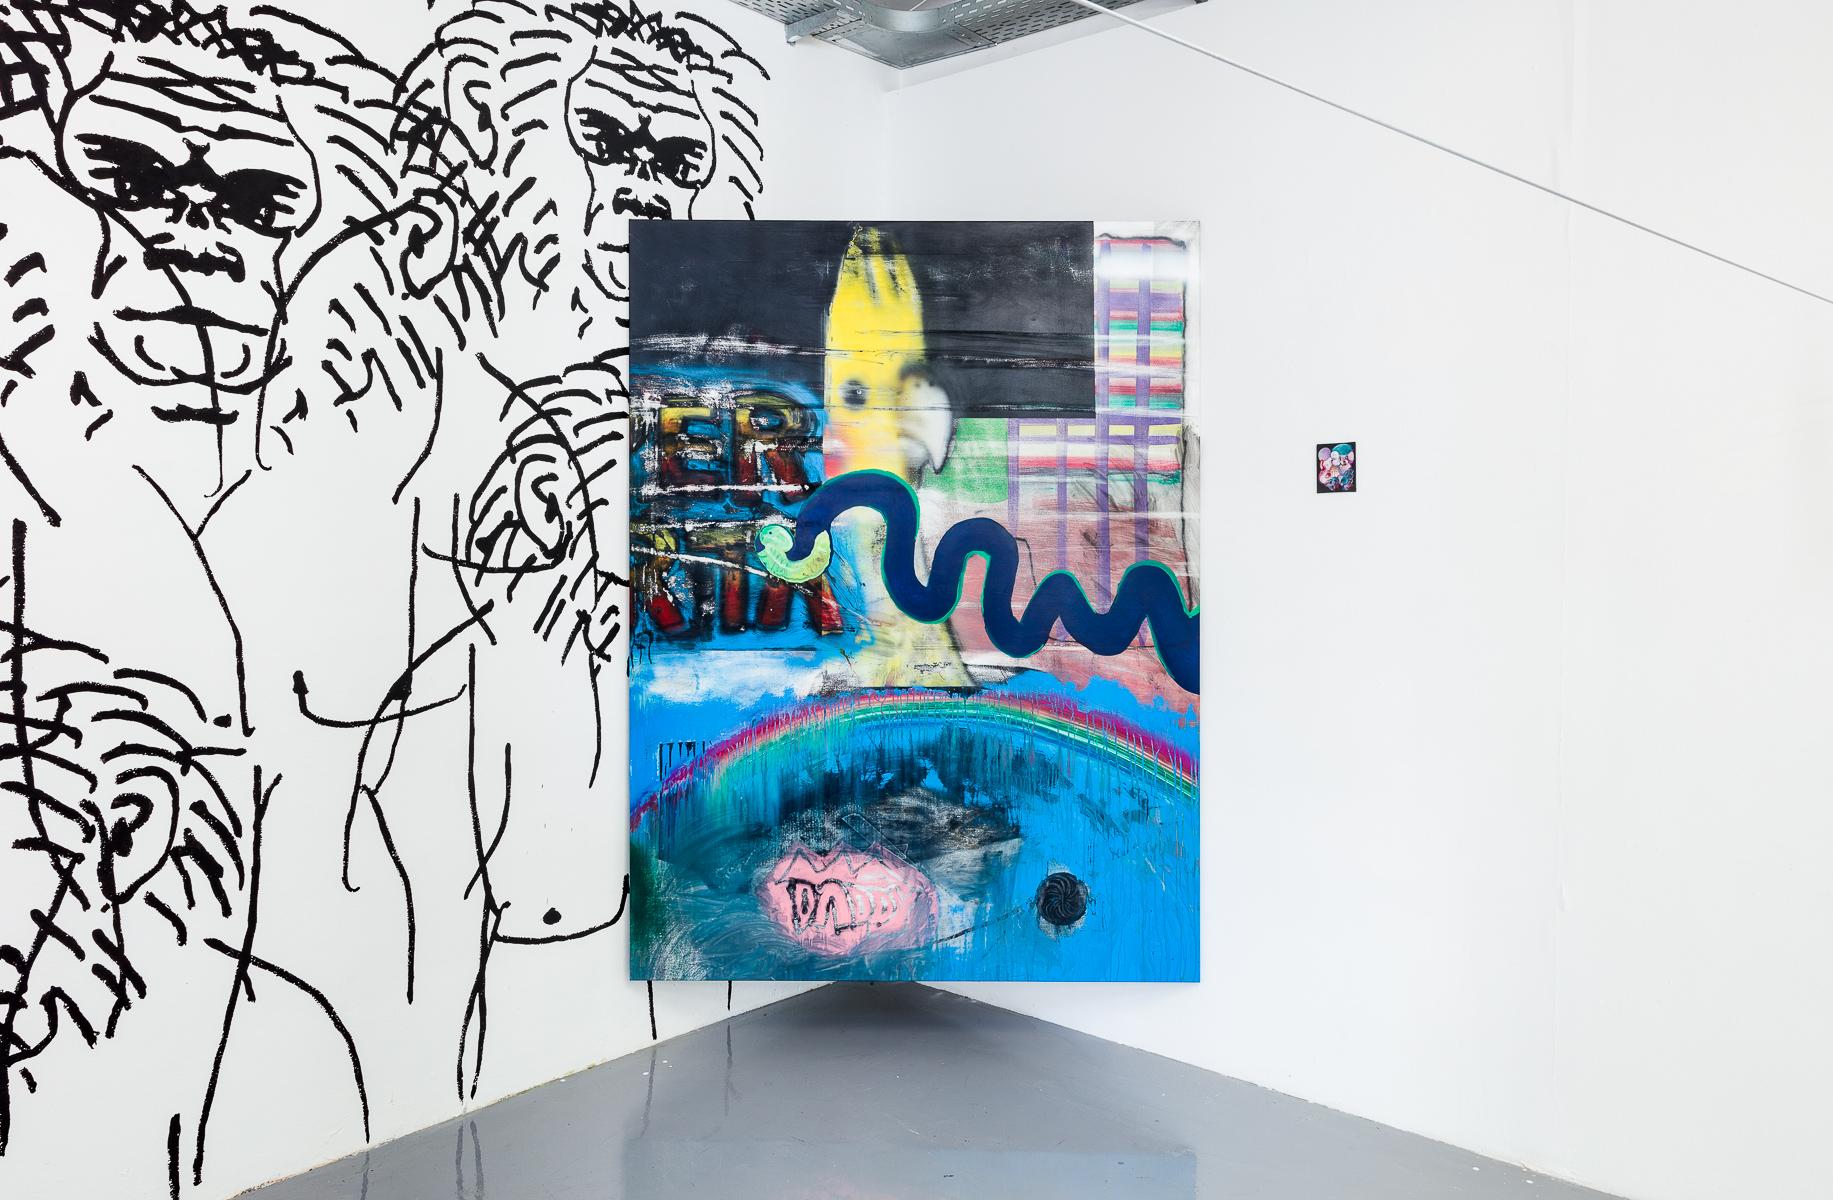 2019_07_23_Ebullicion_Kunstraum-am-Schauplatz_001_web.jpg